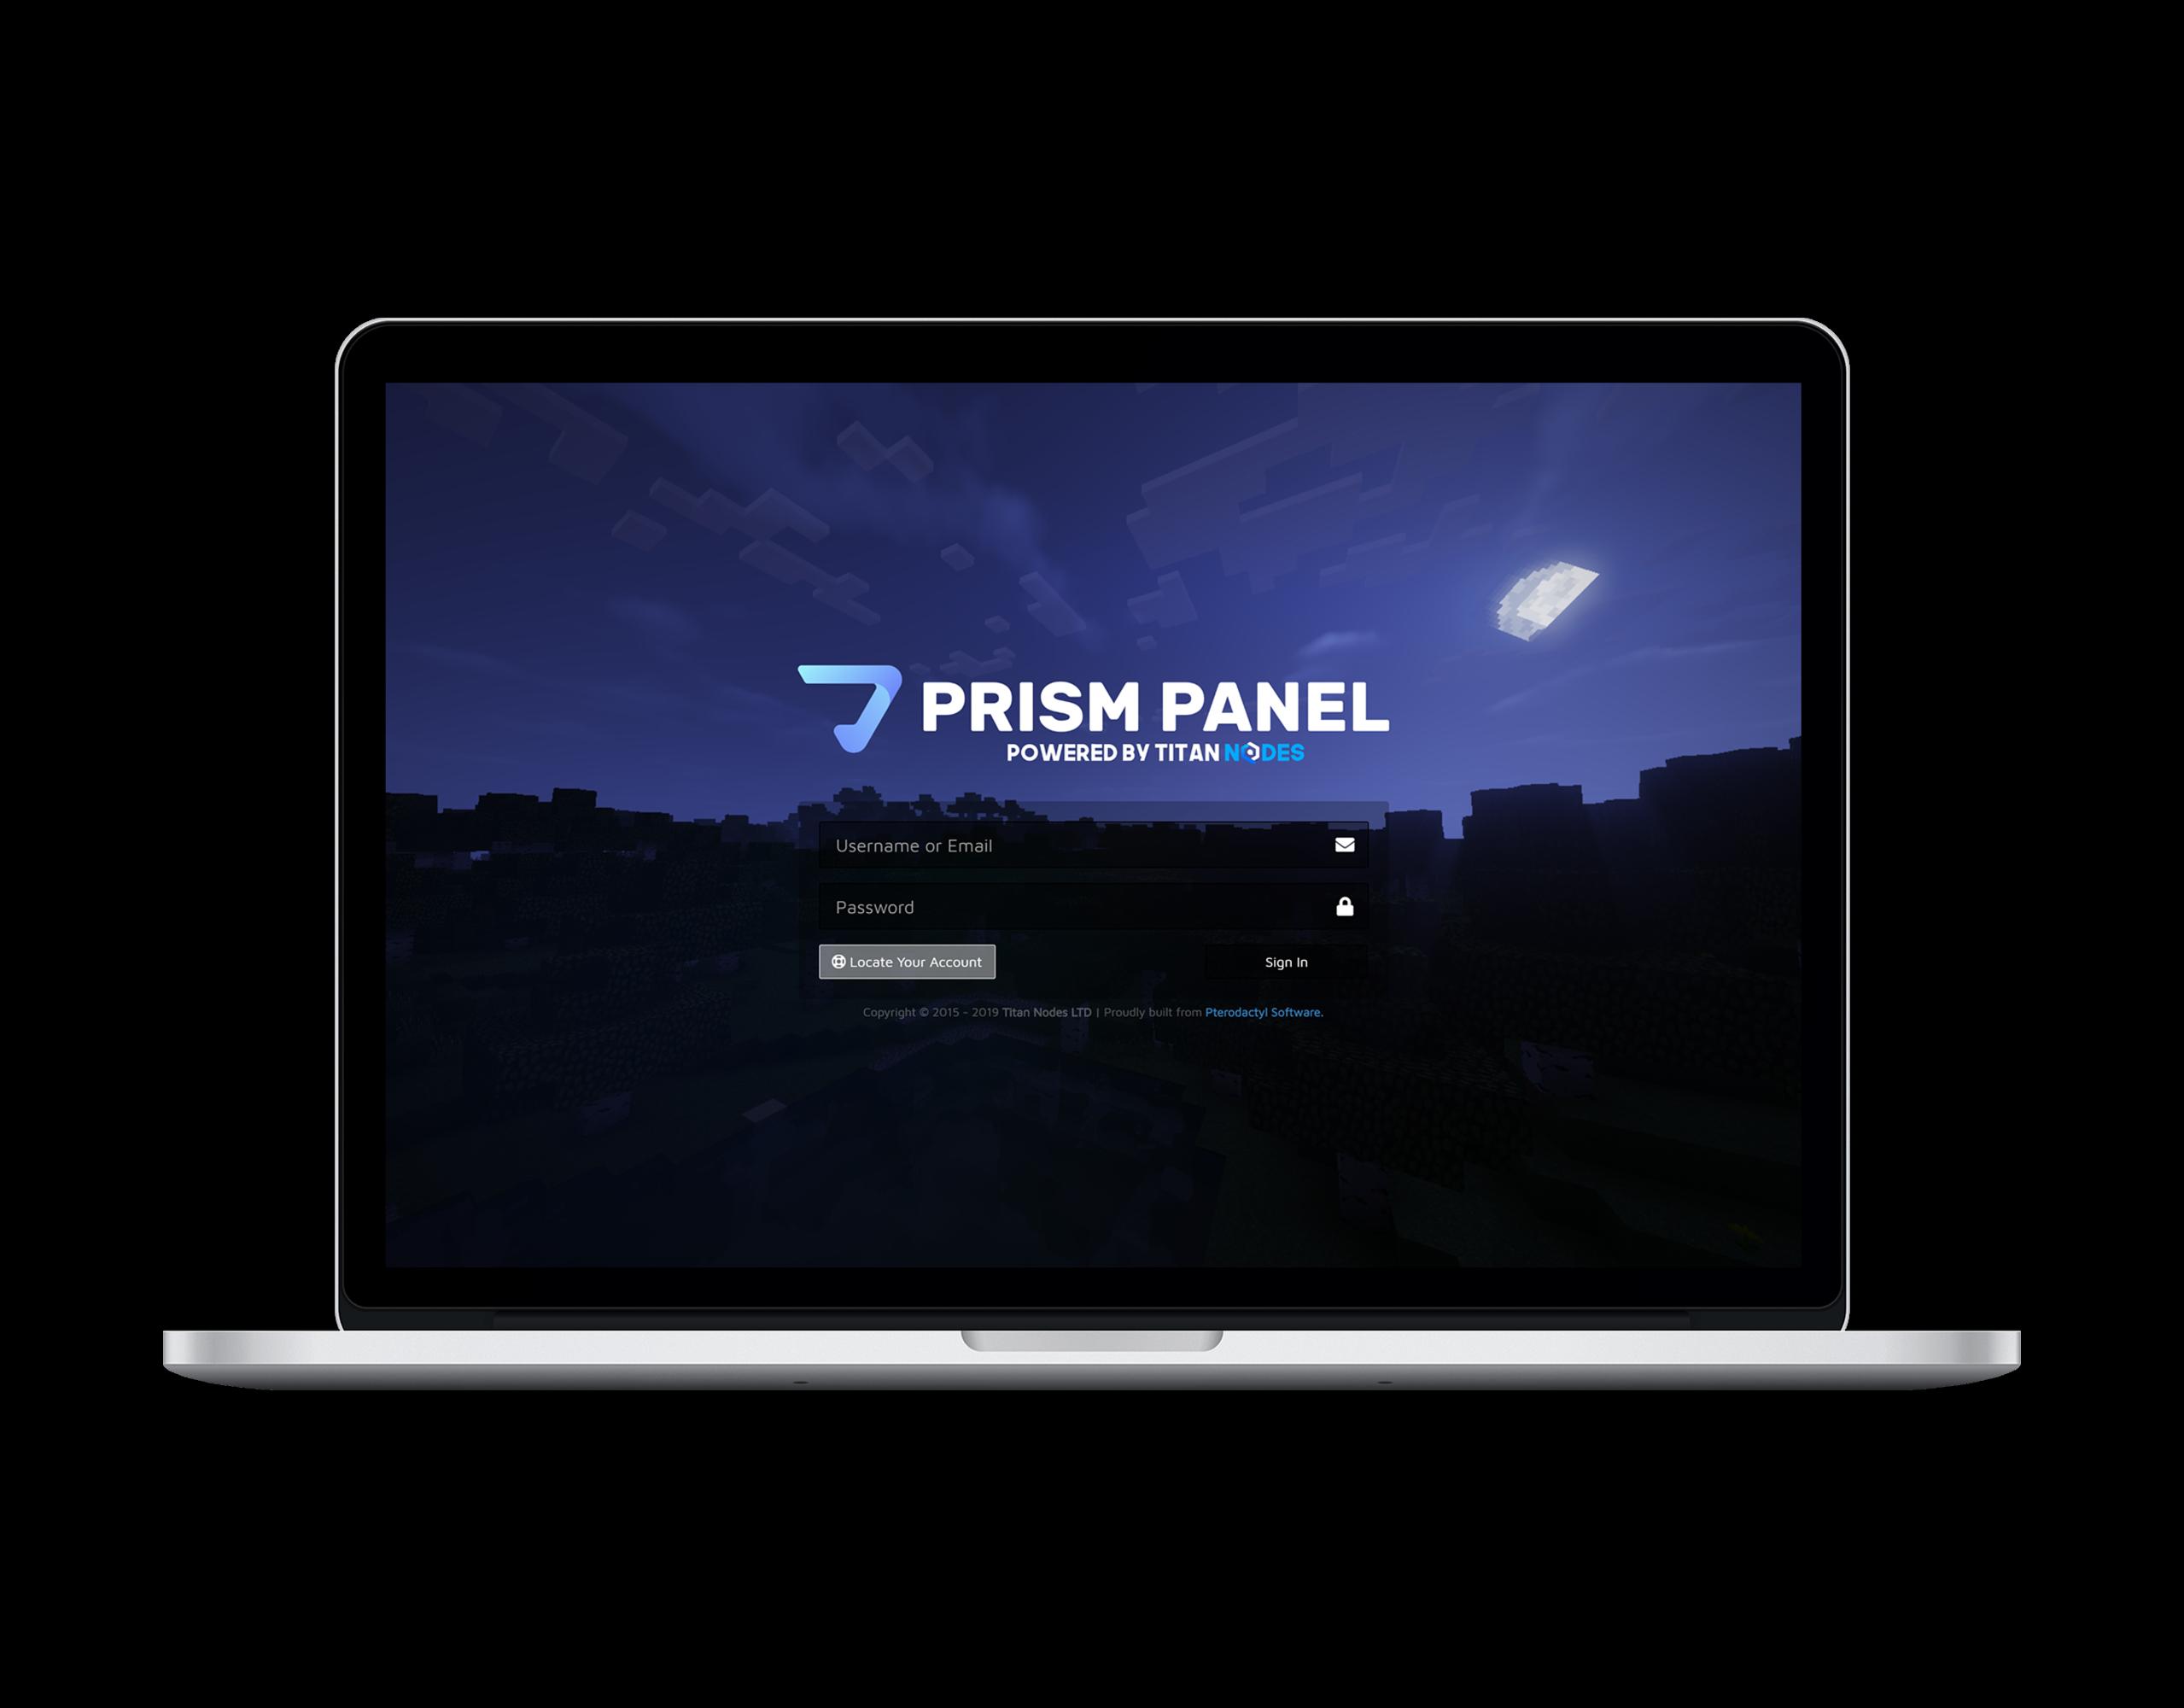 Prism Panel Laptop